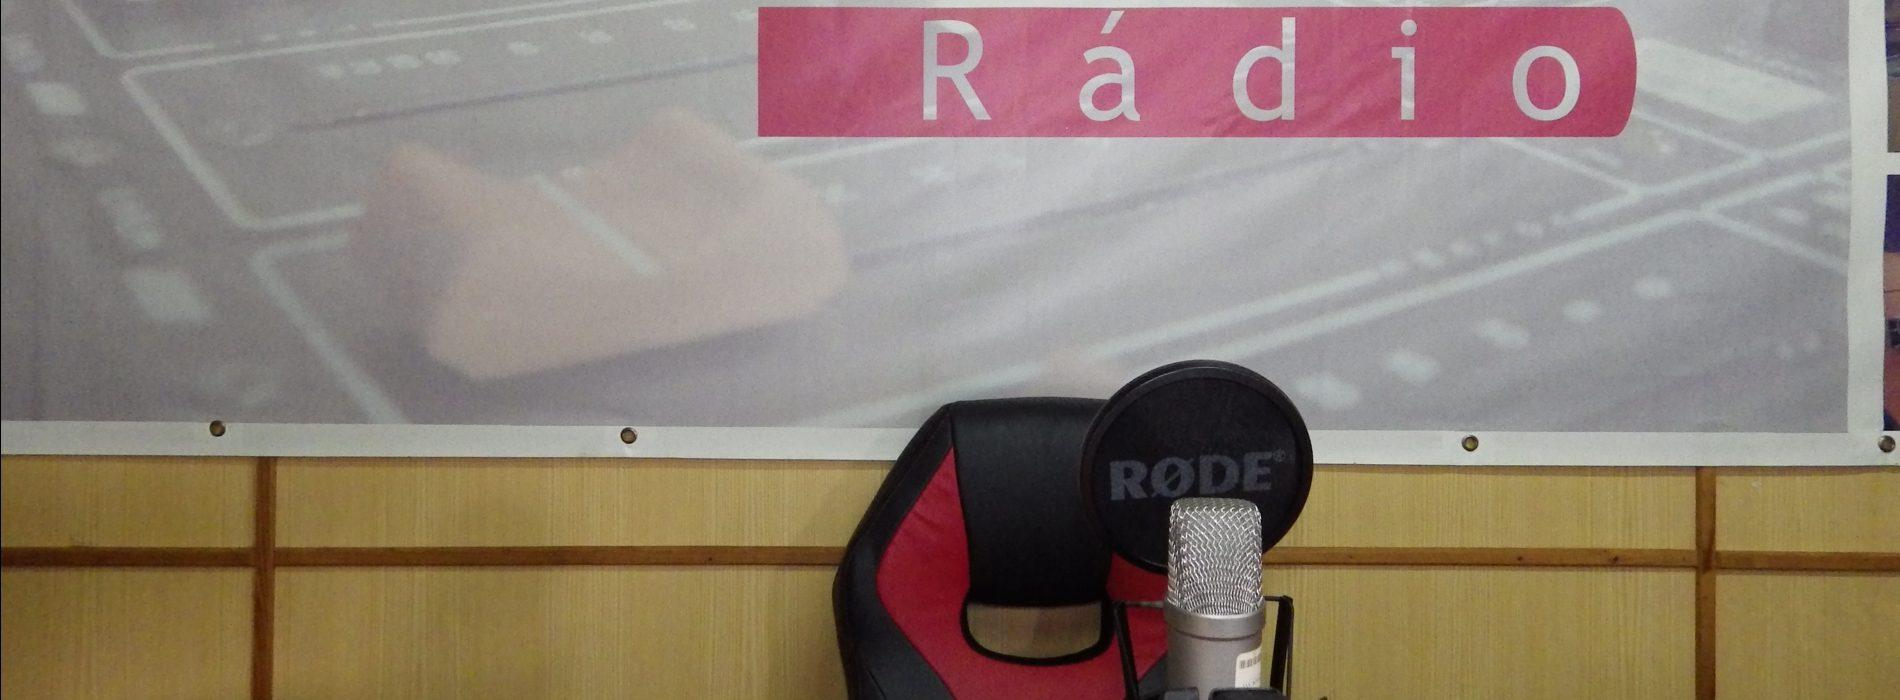 Rádio Boa Nova associa-se a grupo de rádios locais que boicotam ações de campanha eleitoral para as eleições europeias